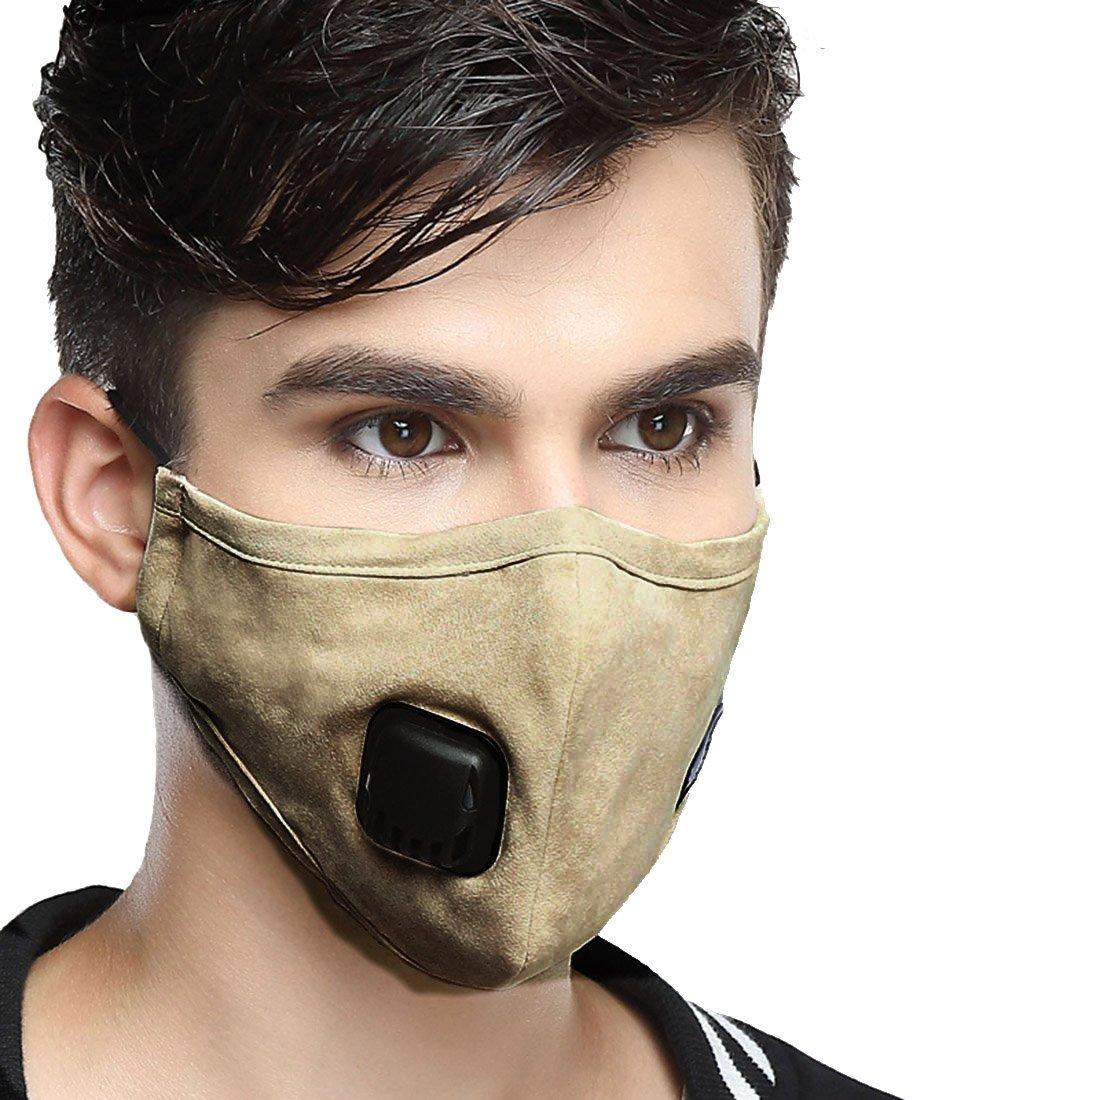 Freahap Unisex Mundschutz Maske Gesichtsmaske Staubschutzmaske Beautylife66